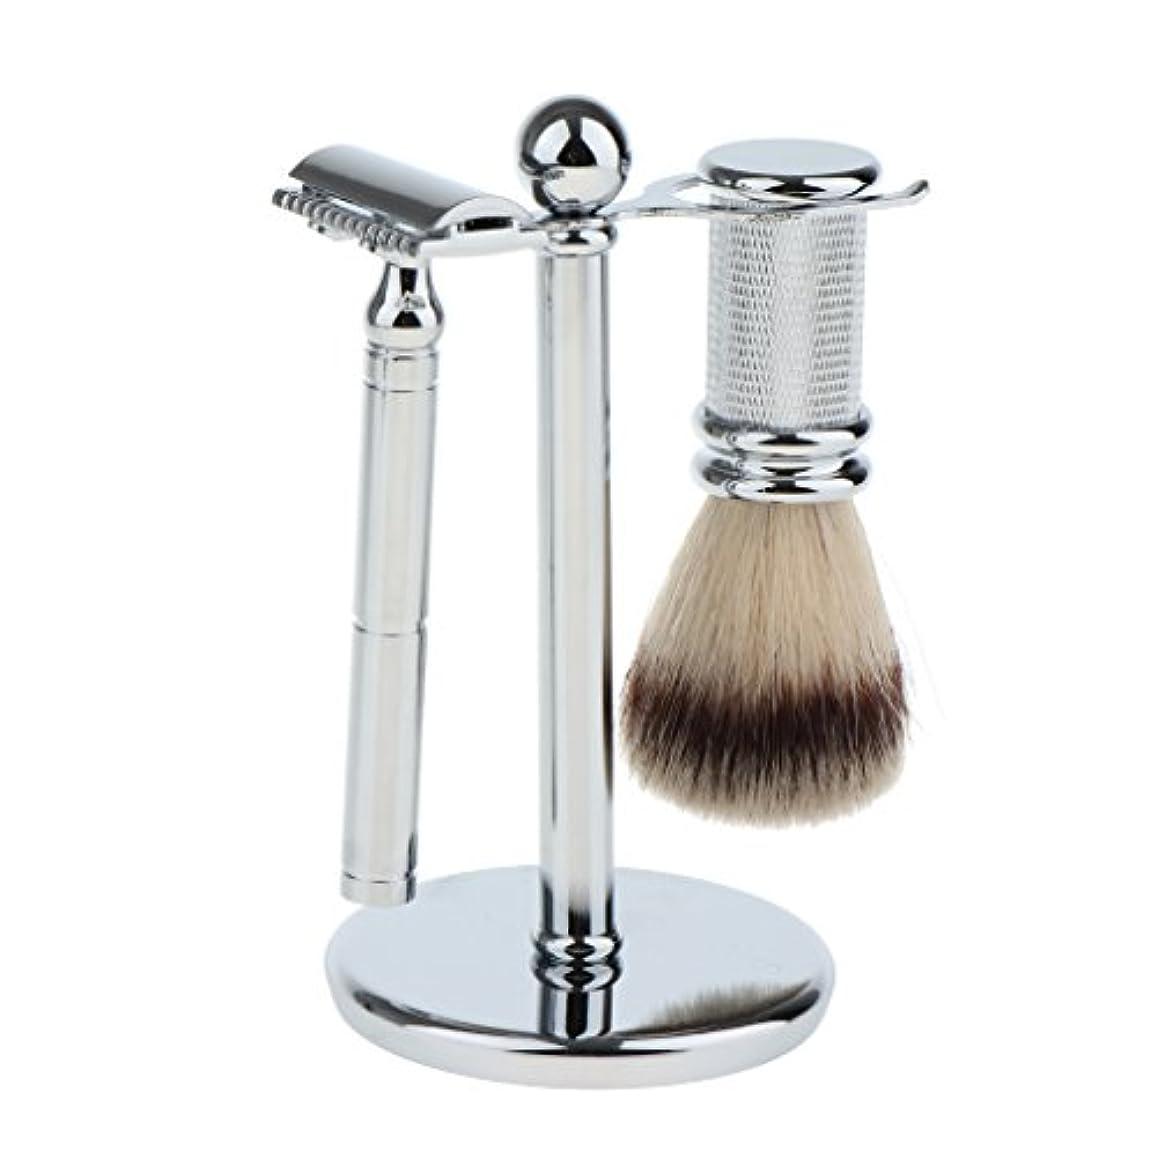 レンダリングタイトルサスティーンFenteer スタンド ブラシ マニュアルシェーバー 3本セット 男性用 シェービング ブラシスタンド ダブルエッジ 剃刀